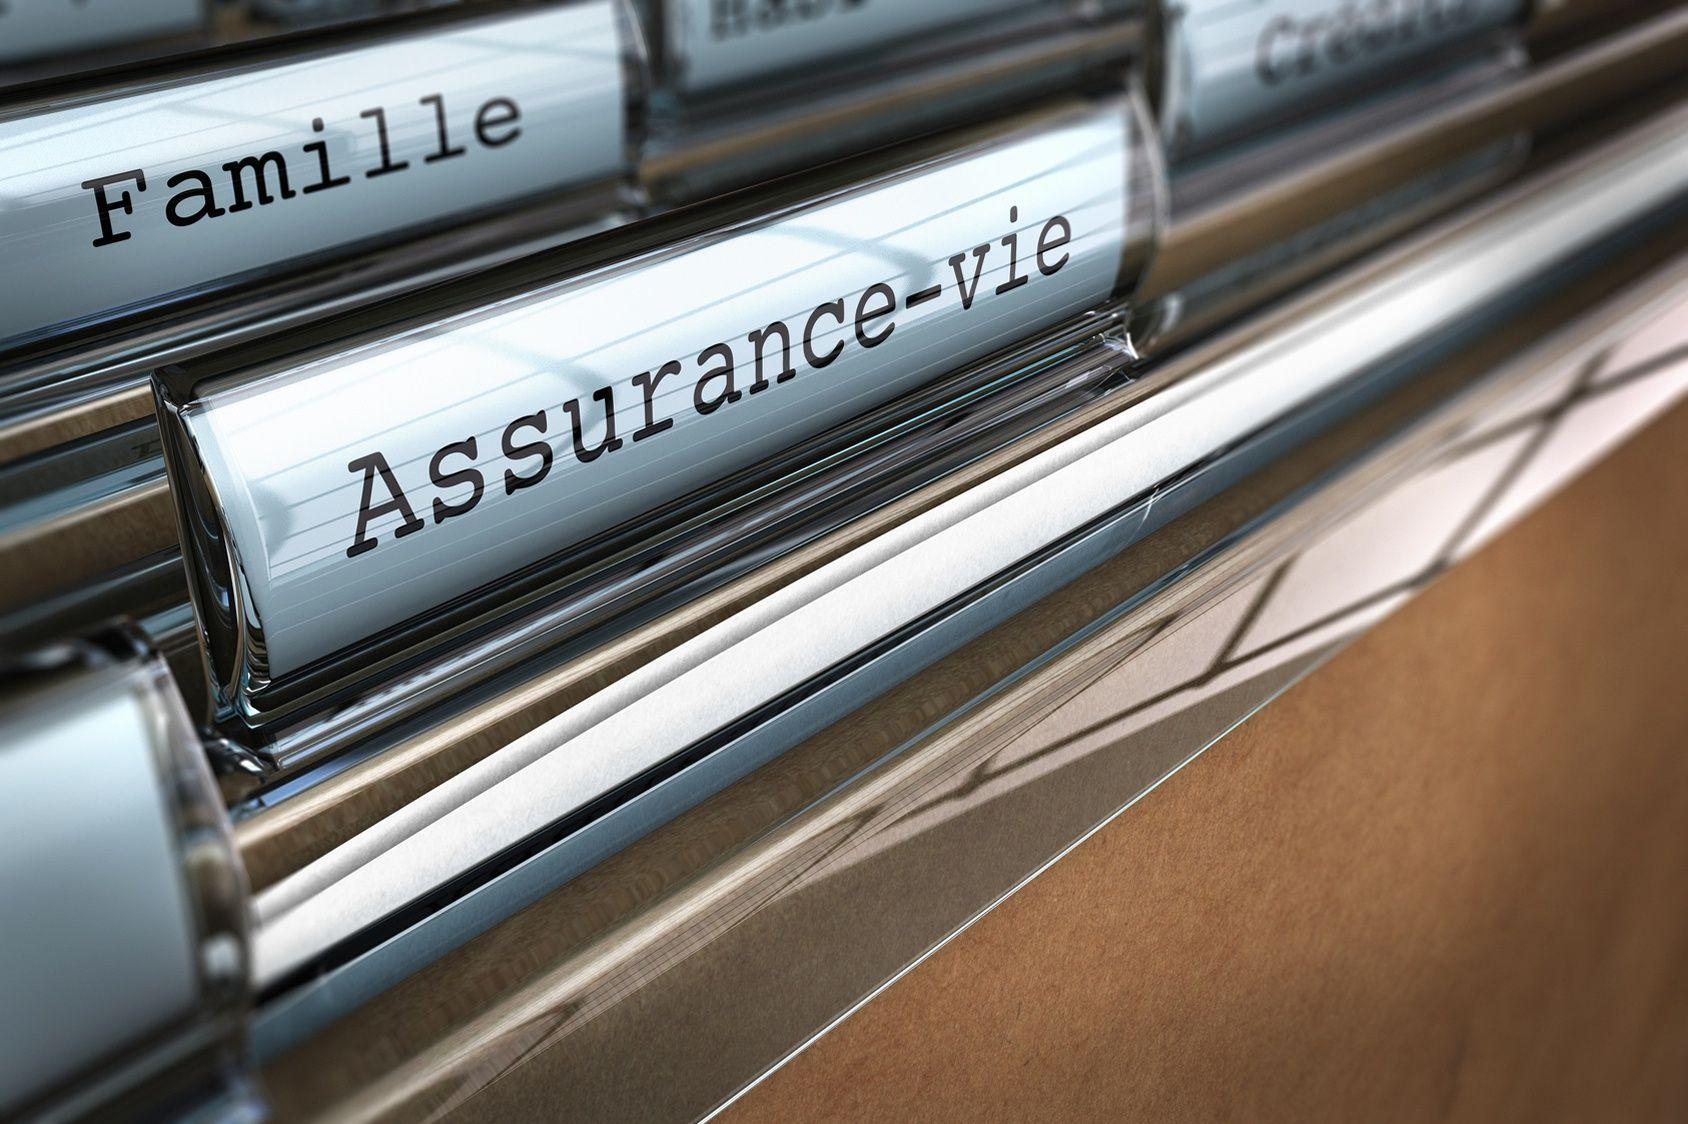 Comment Optimiser La Fiscalite Sur Les Retraits De Votre Assurance Vie